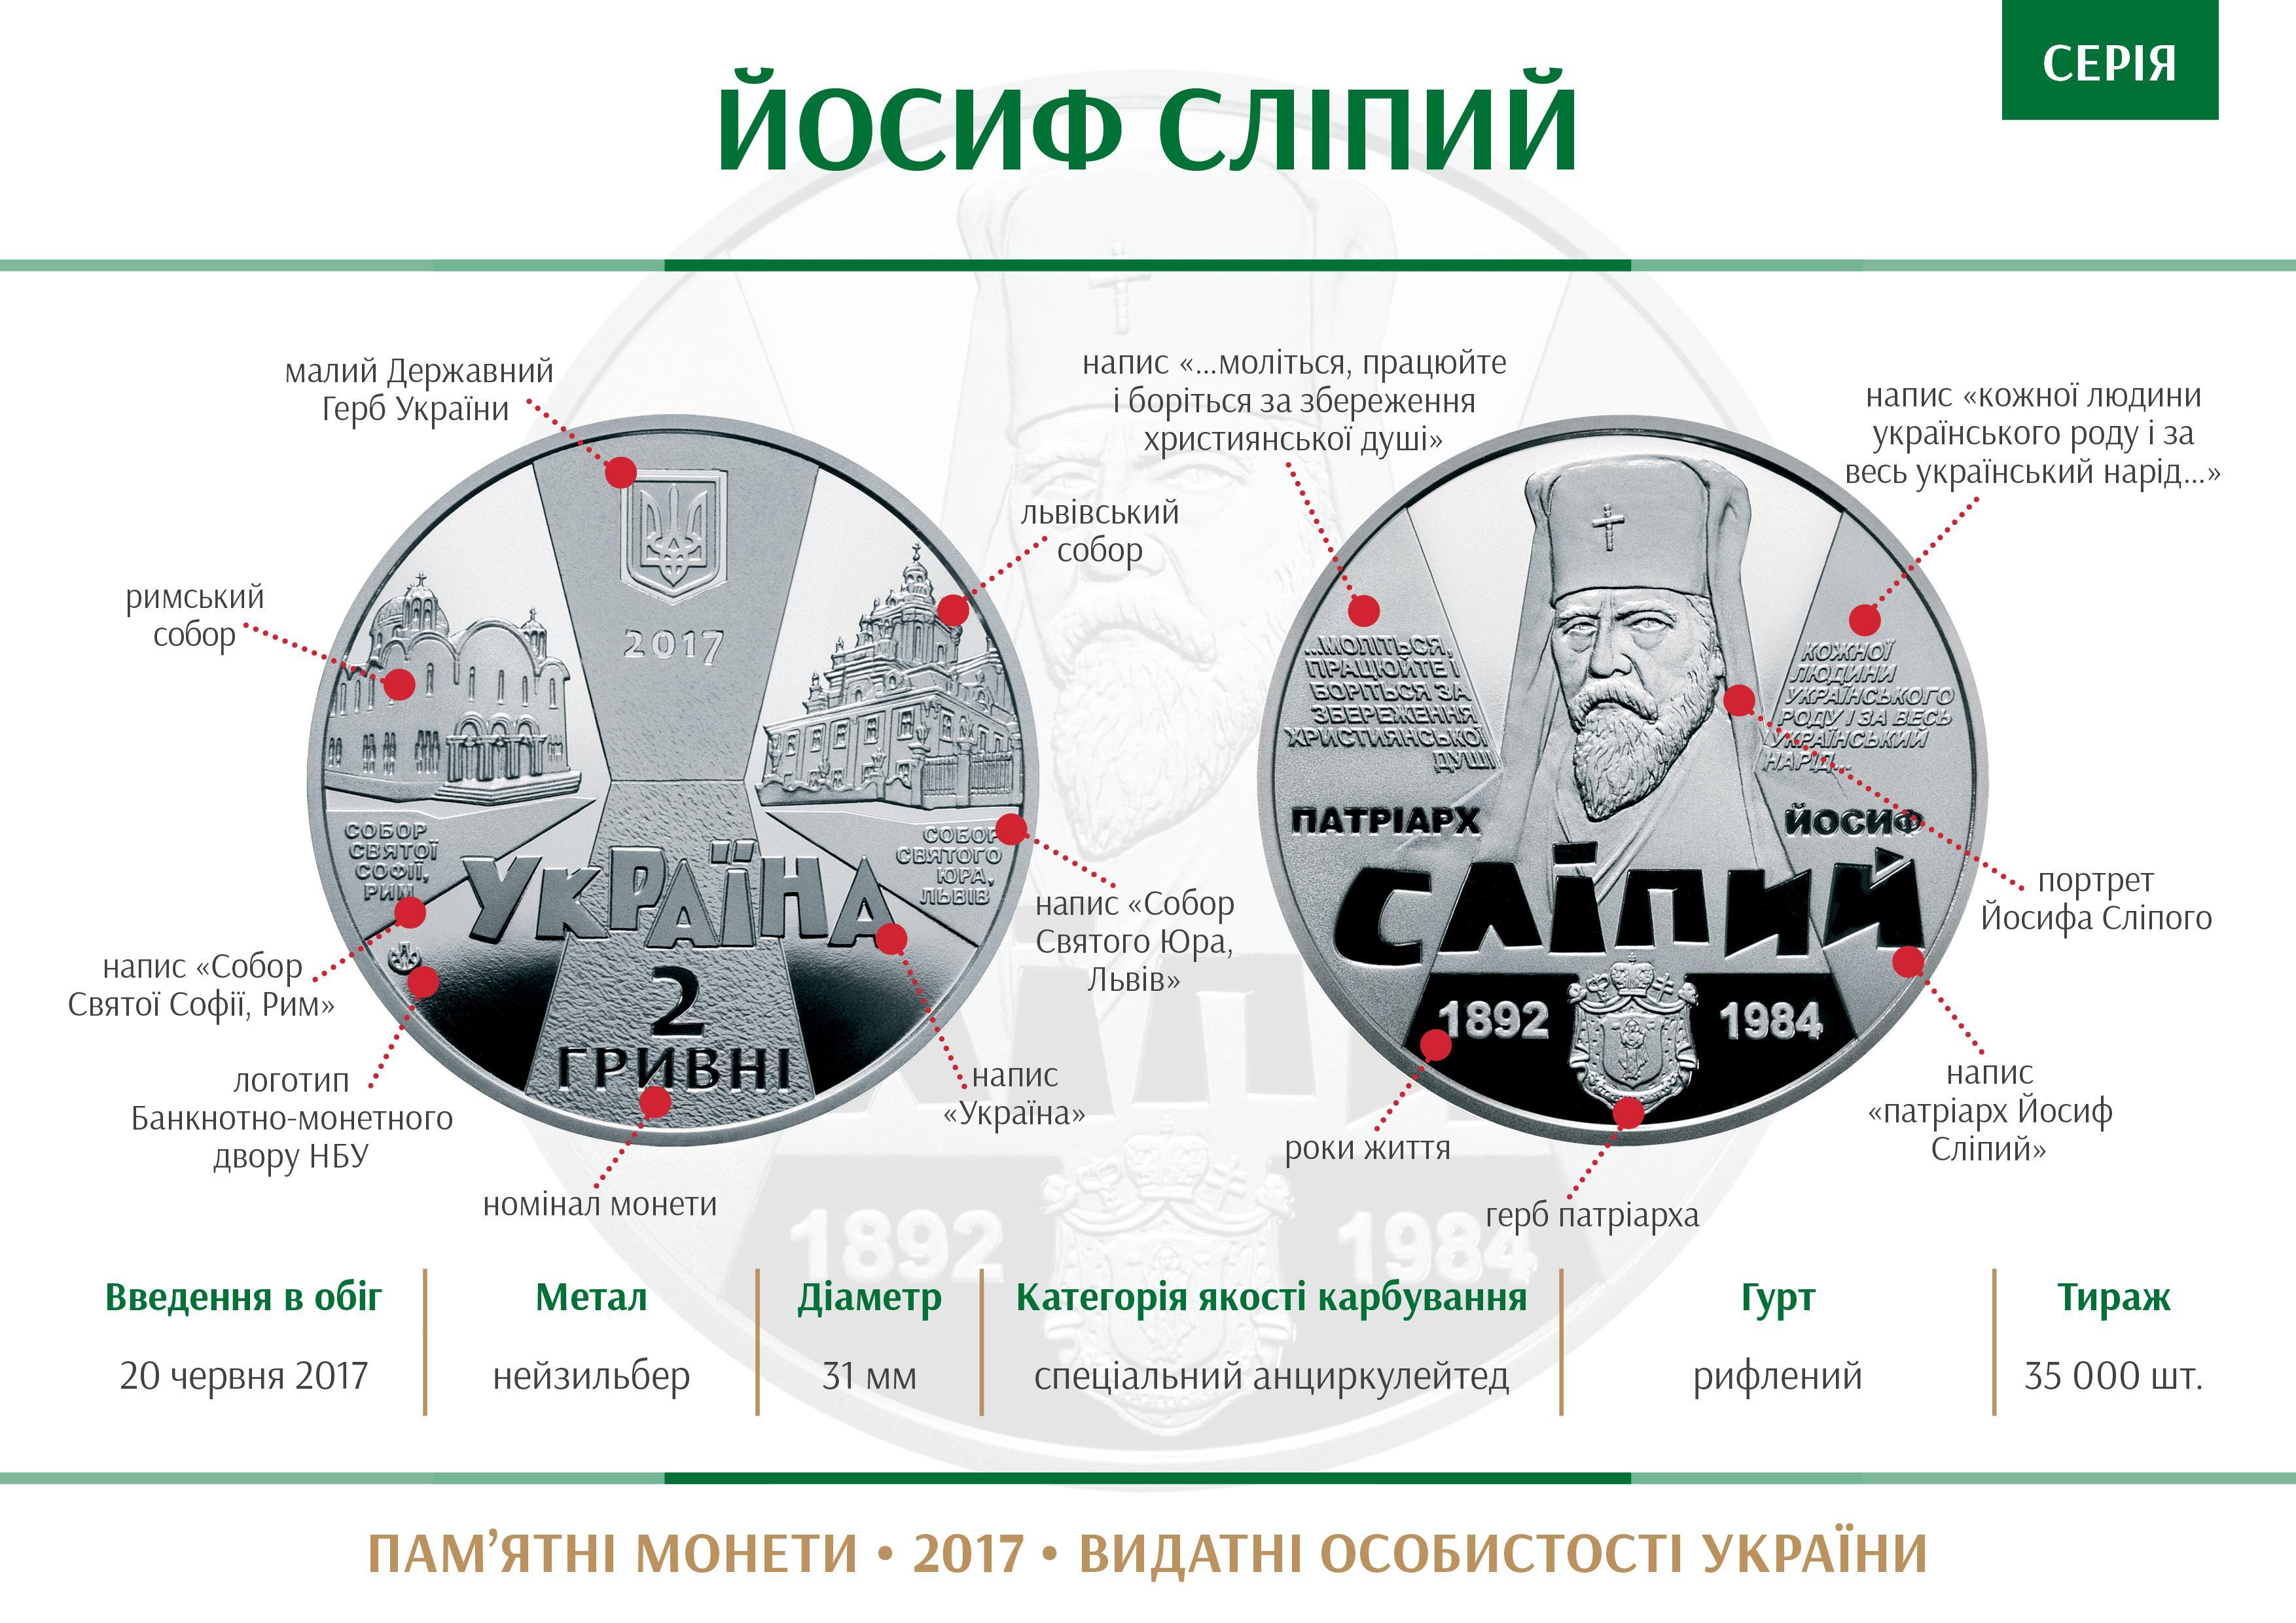 Coin series Vydatni osobystosti Ukrai27ny Josyf Slipyj